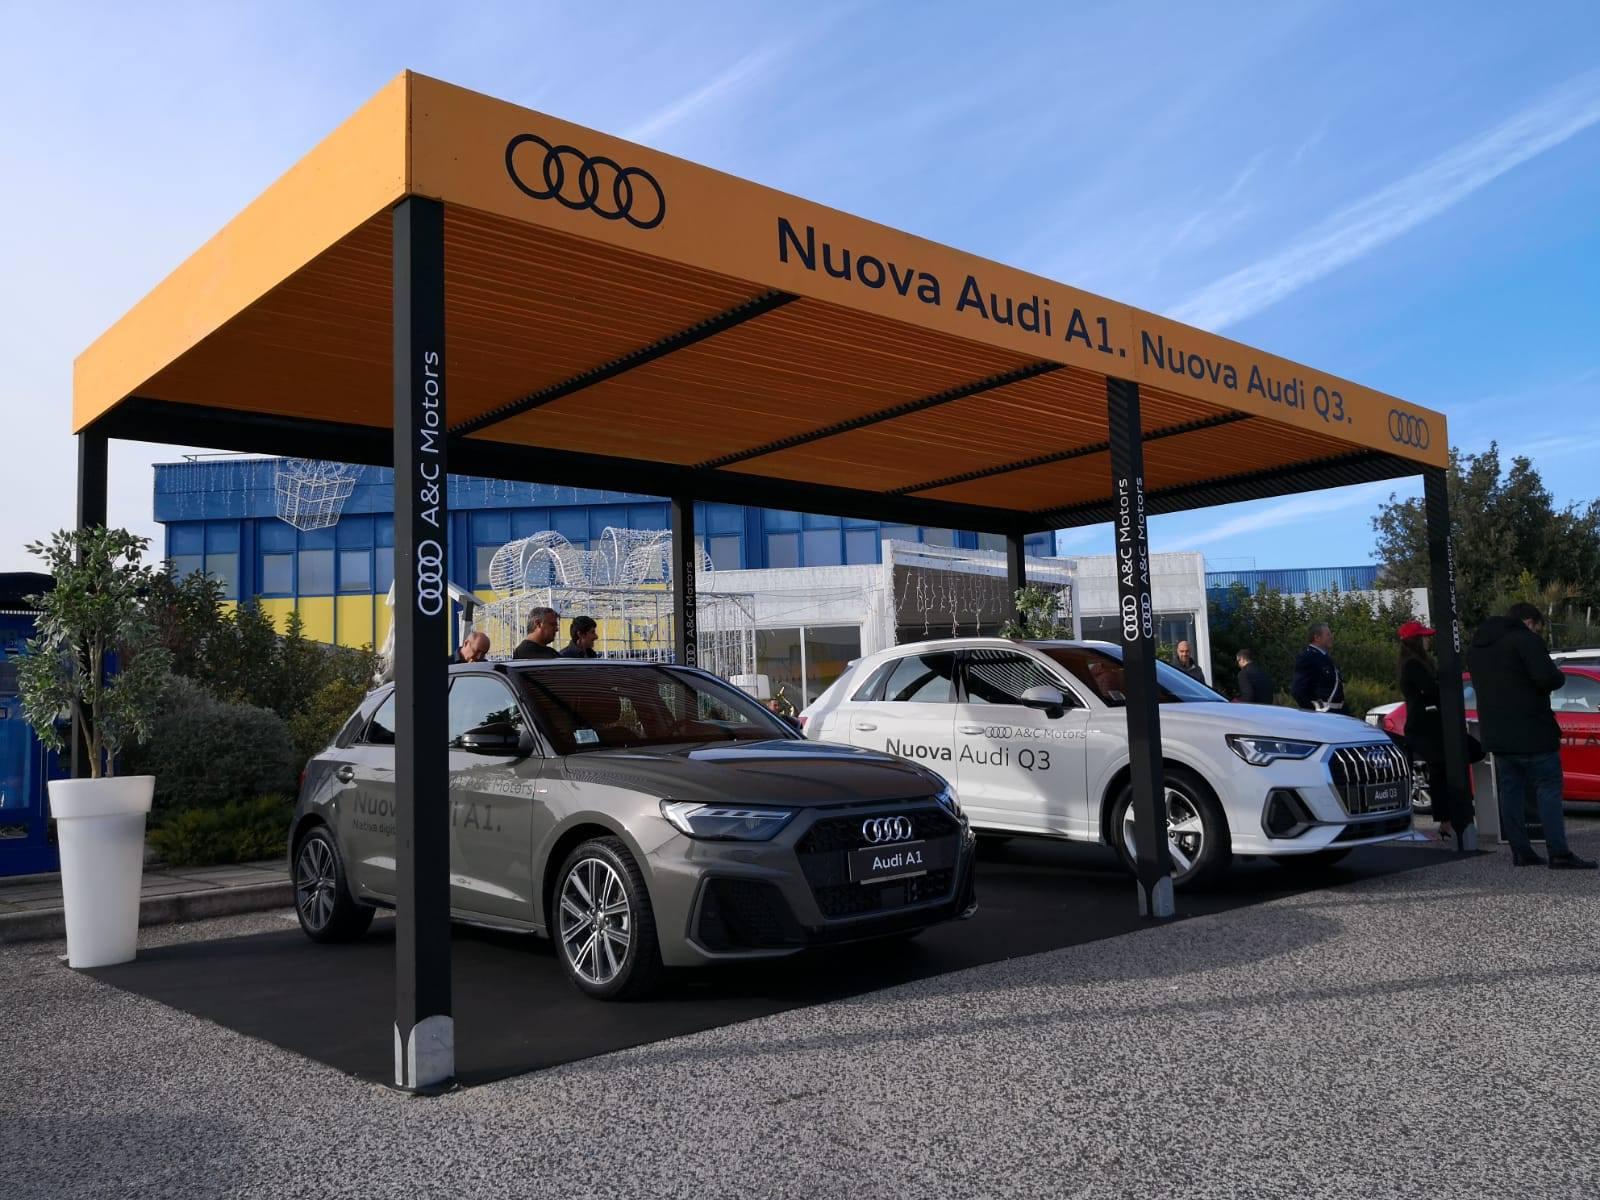 Gazebo Audi - Work in Progress